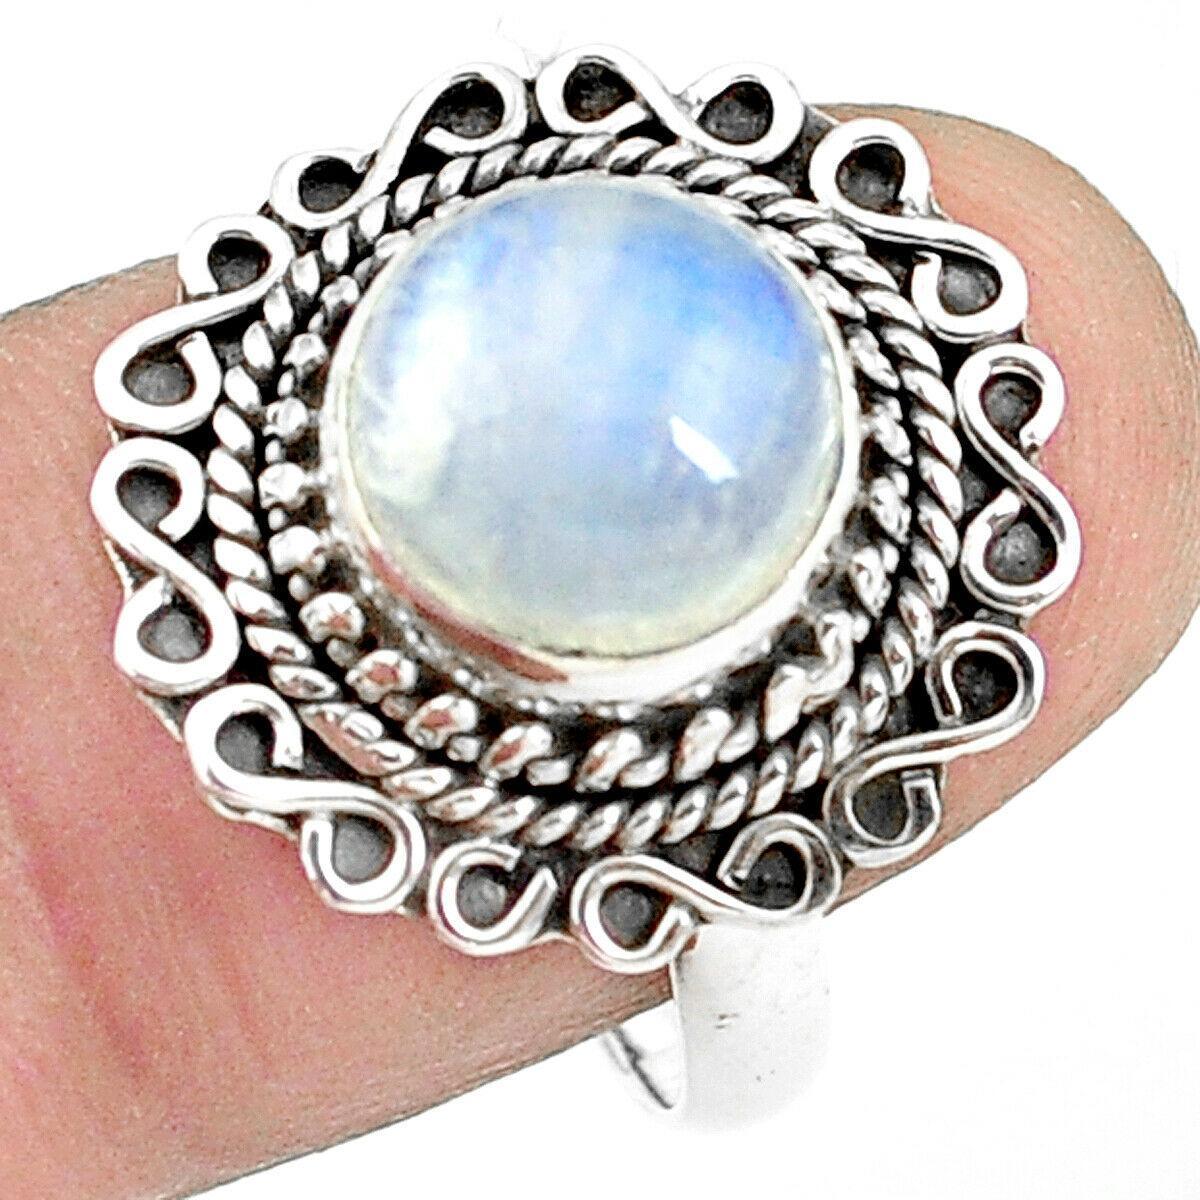 Срібне кільце з місячним каменем адуляр, 2293КЦЛ